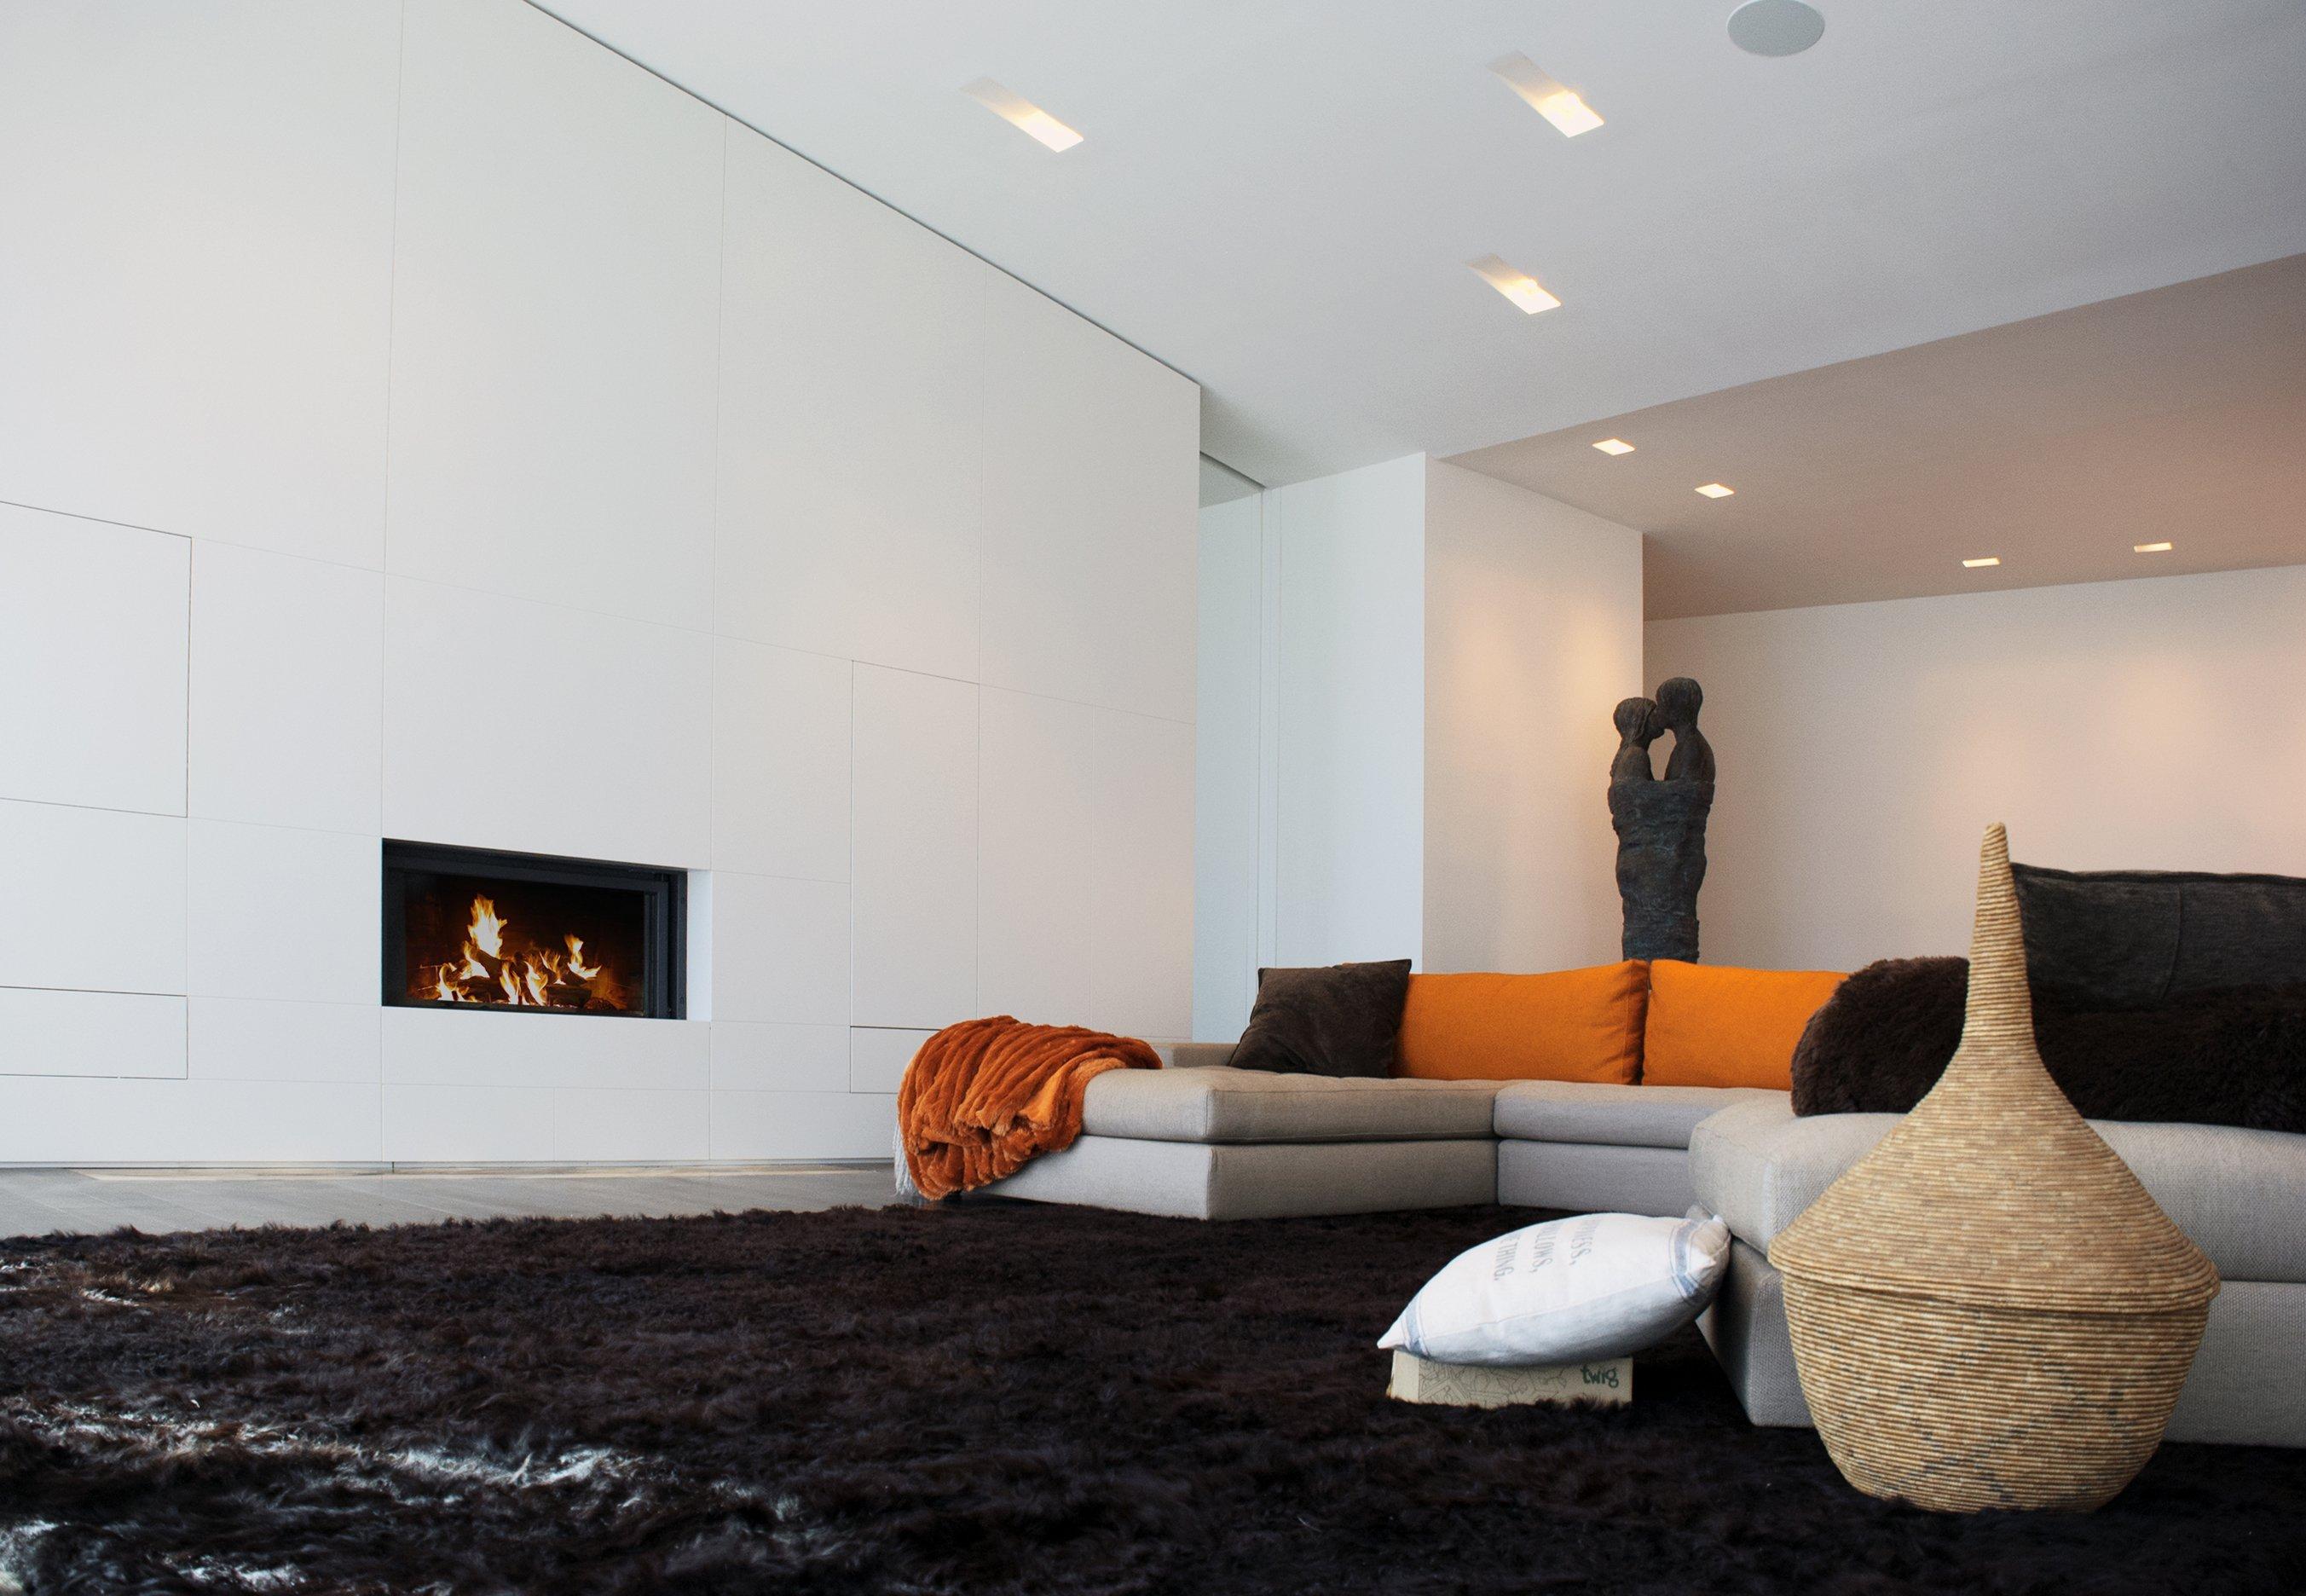 Una sala con un divano angolare e una stufa moderna